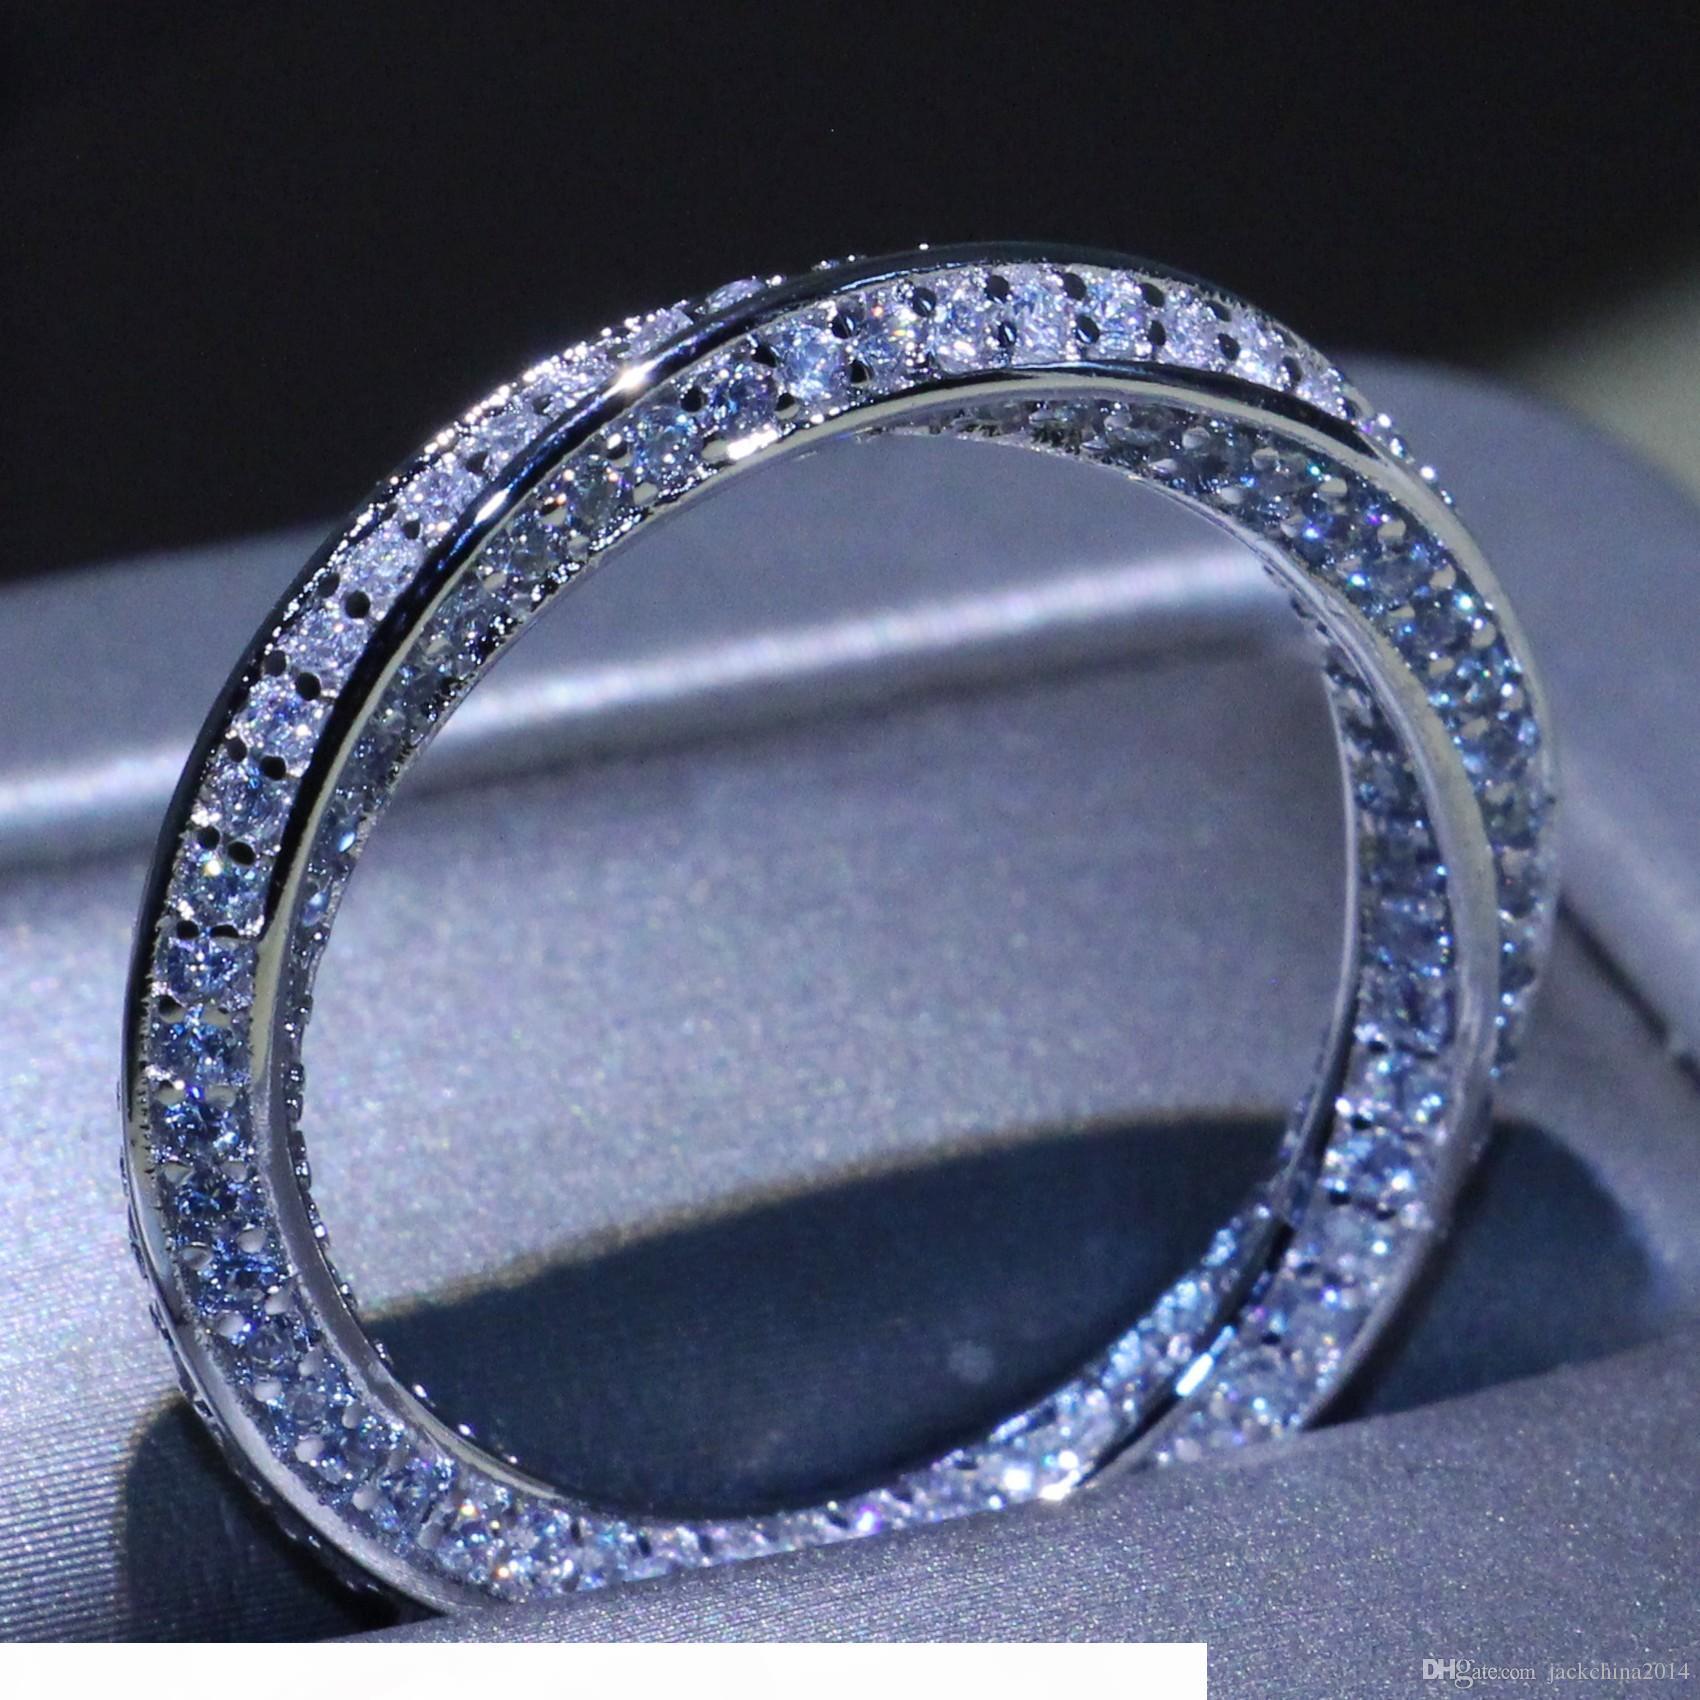 Toptan Çarpıcı Basit Çember Halka Lüks Takı Kadınlar Hediye için 925 Gümüş açacağı Mikro 5A Zirkonya cz Parti Mobius Düğün Rings